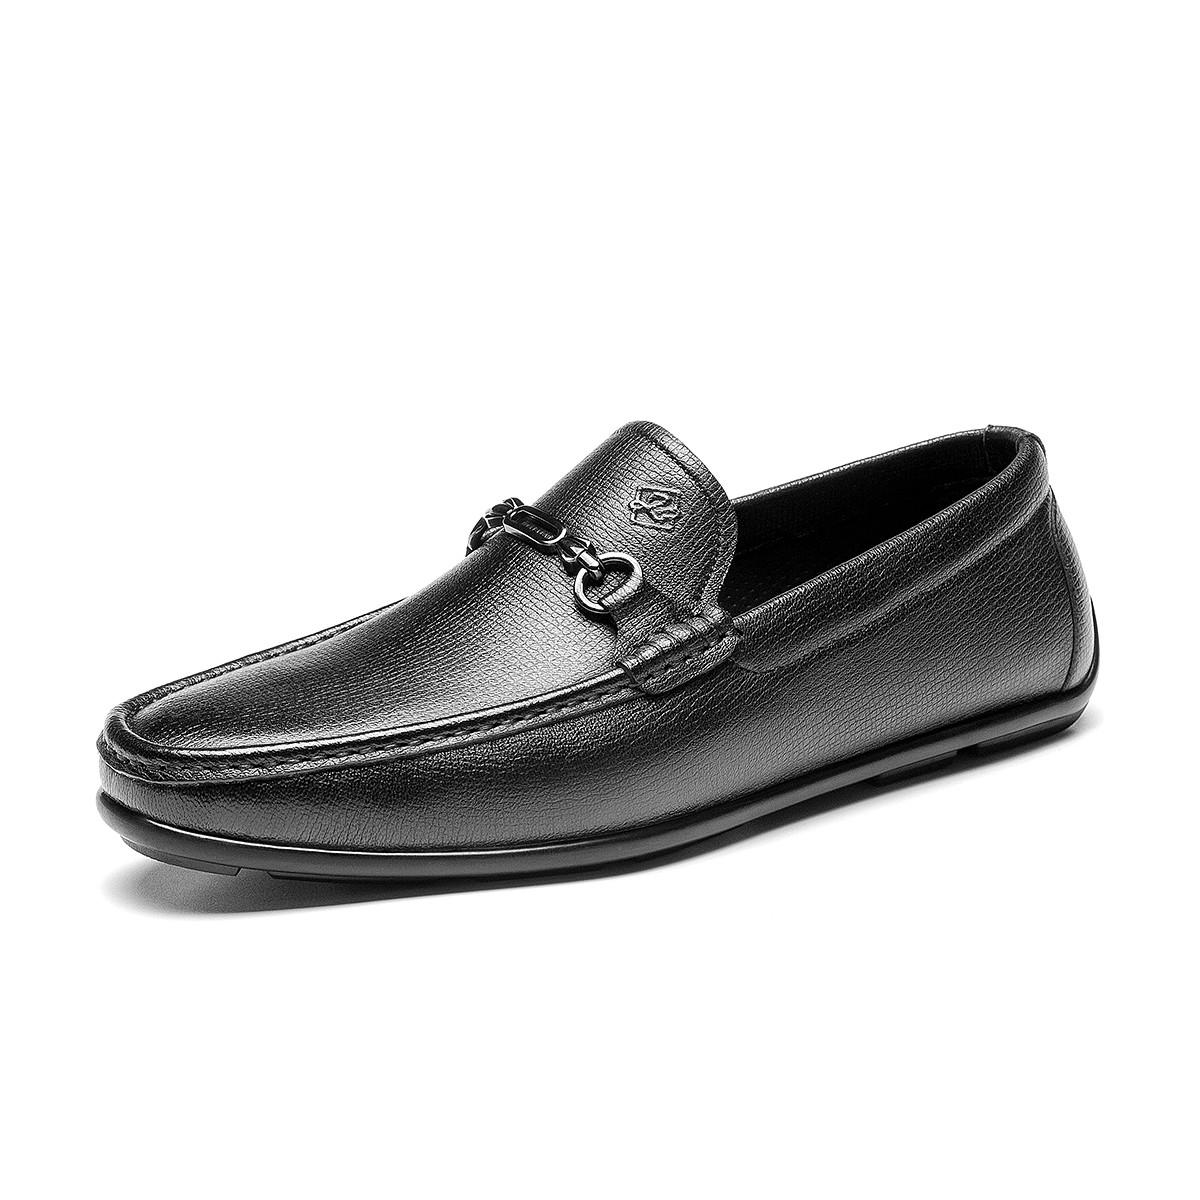 宾度宾度春季新品牛皮时尚商务鞋纯色百搭男鞋圆头脚蹬便携男皮鞋V0R20201